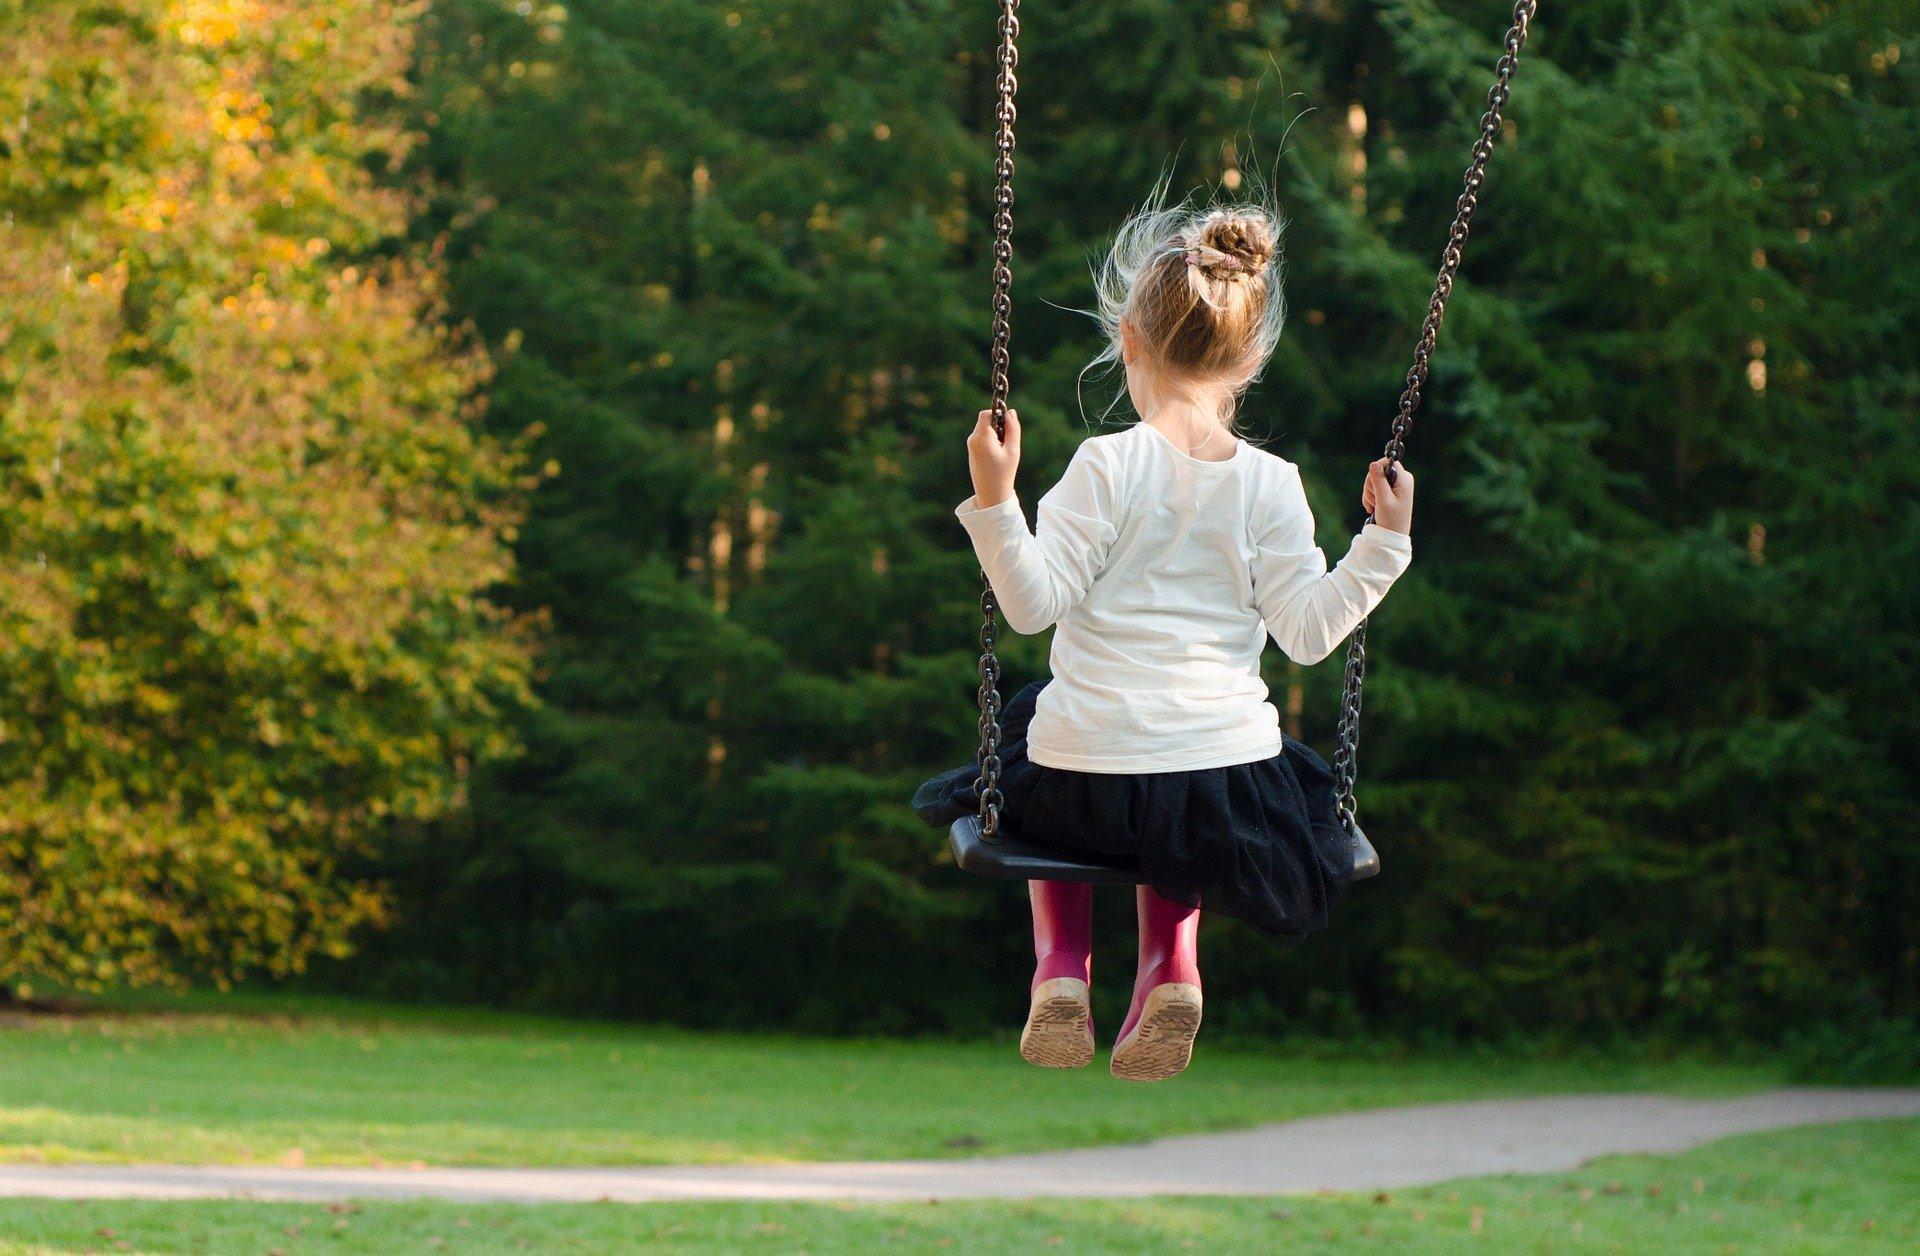 Selbstständigkeit fördern - Tipps, wie Ihr Kind selbstständig wird